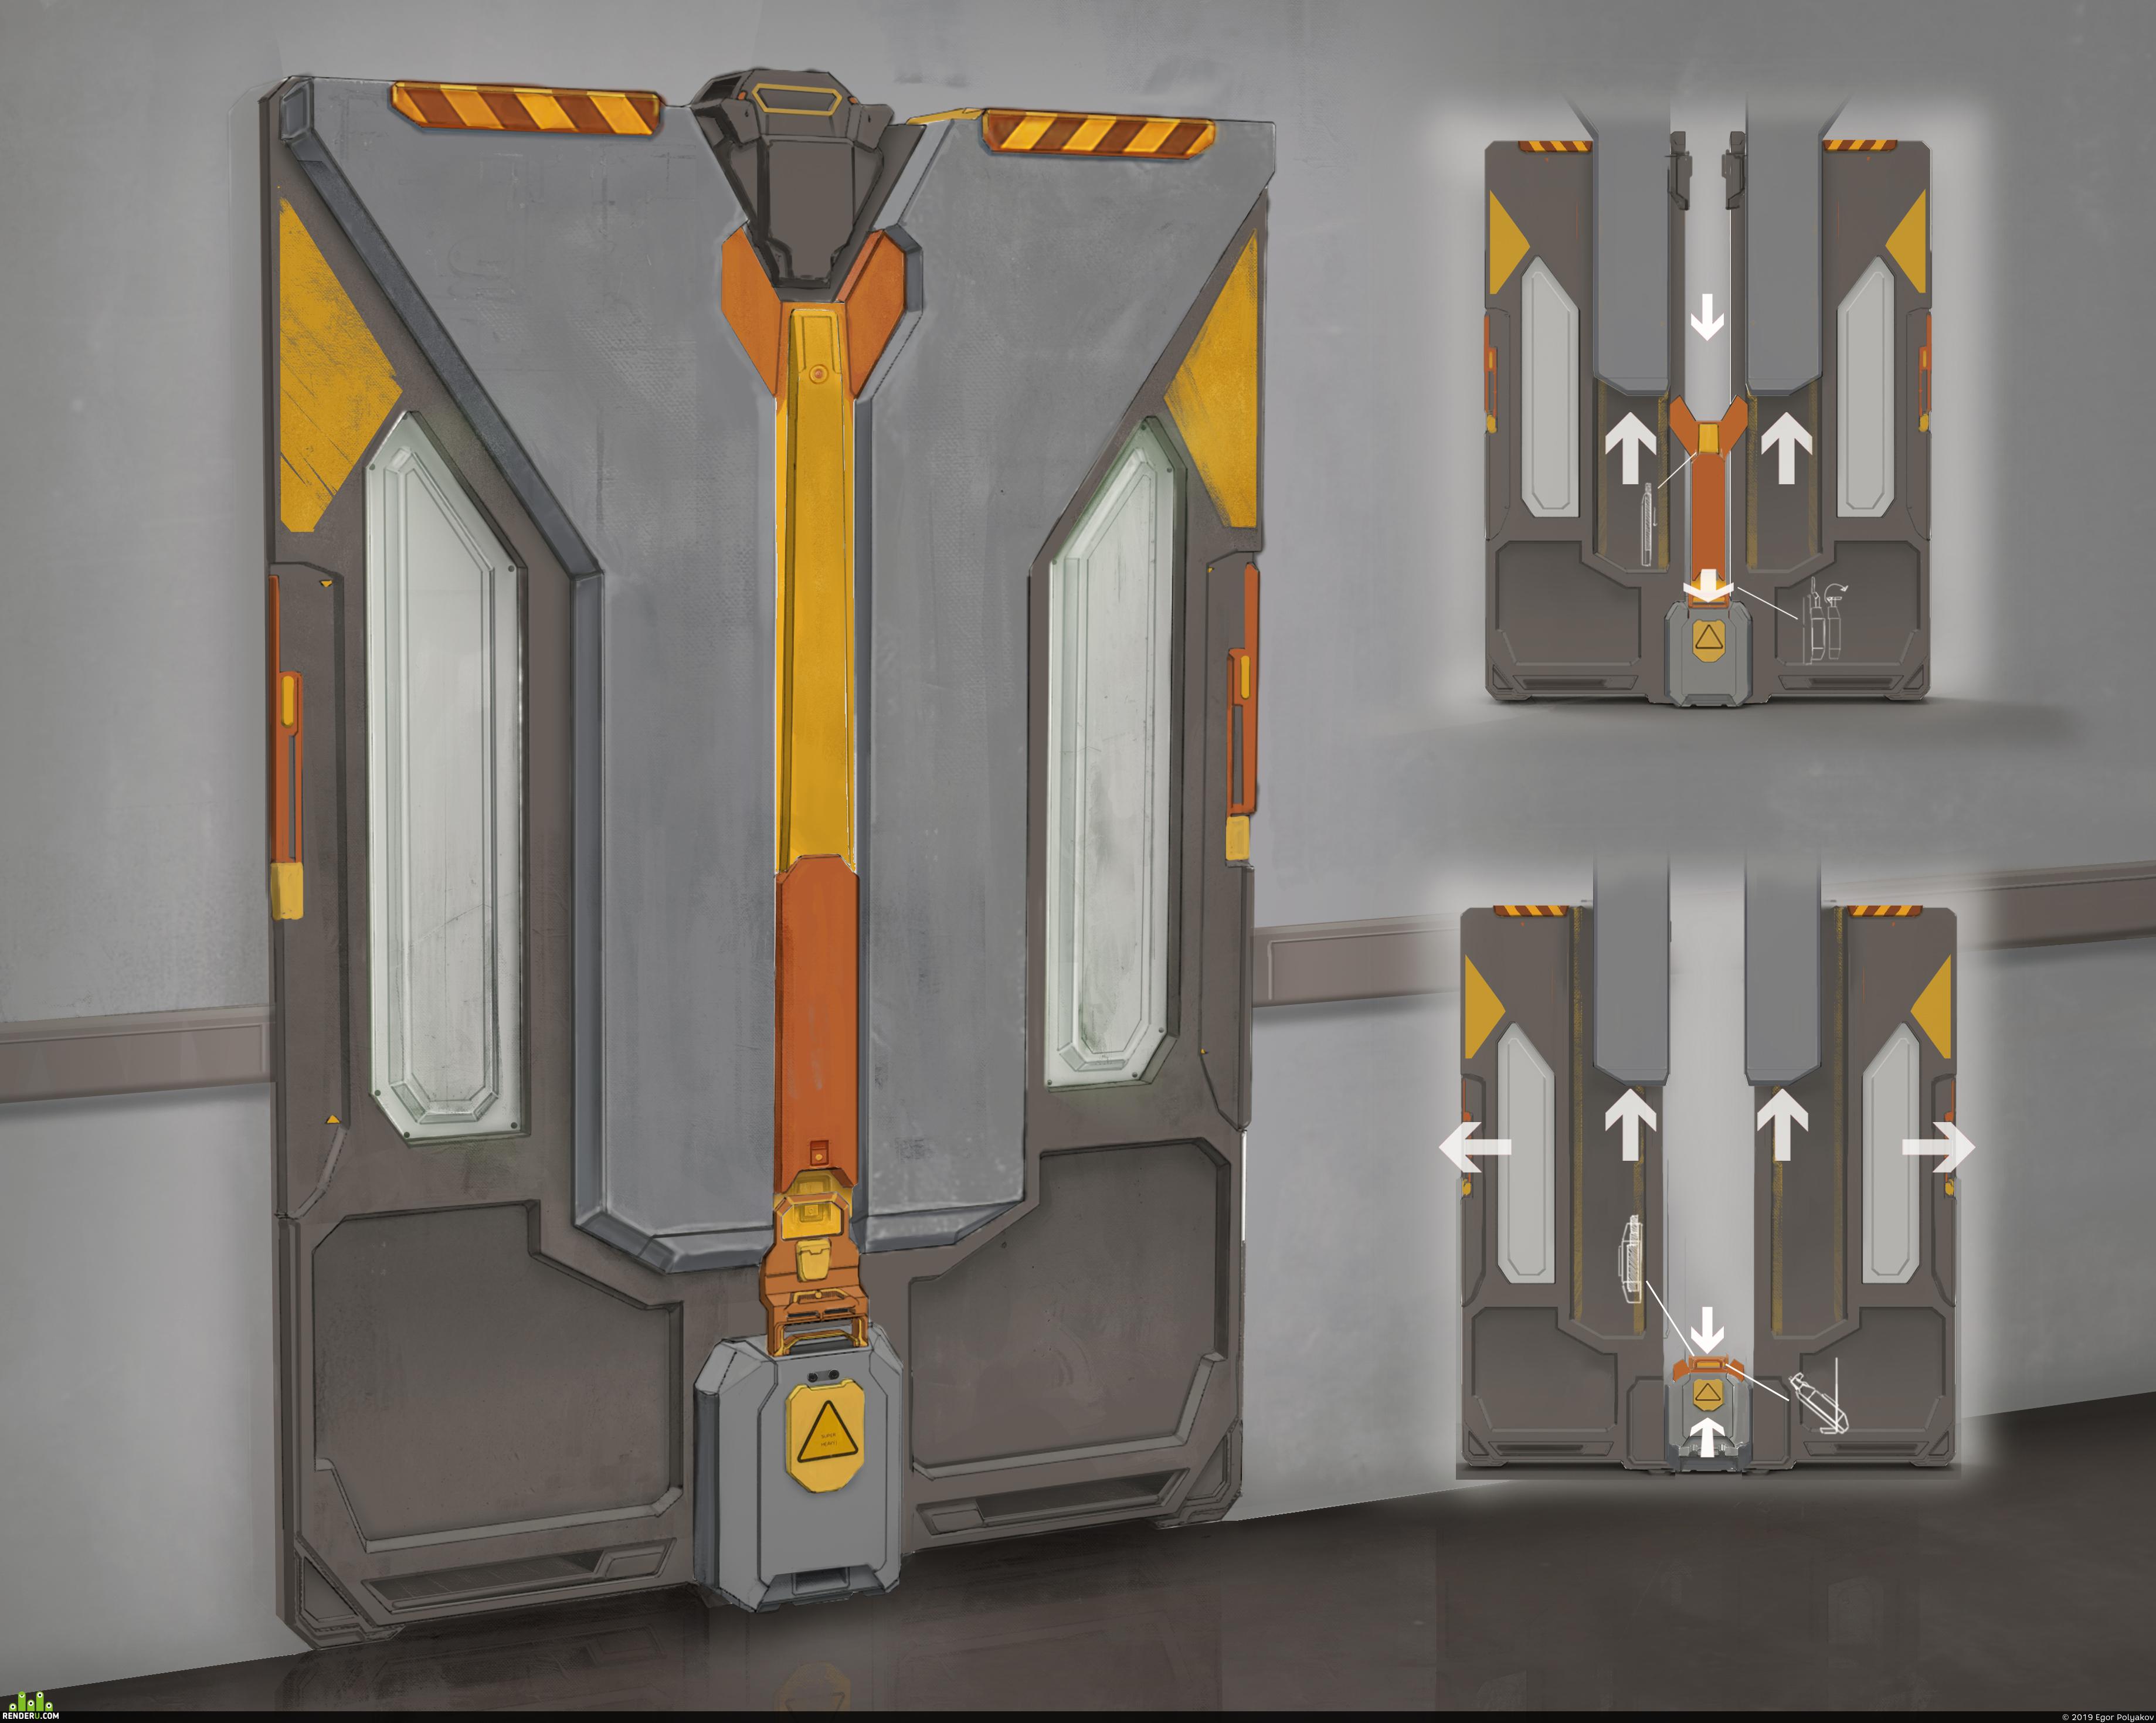 preview Sci-fi door concept design